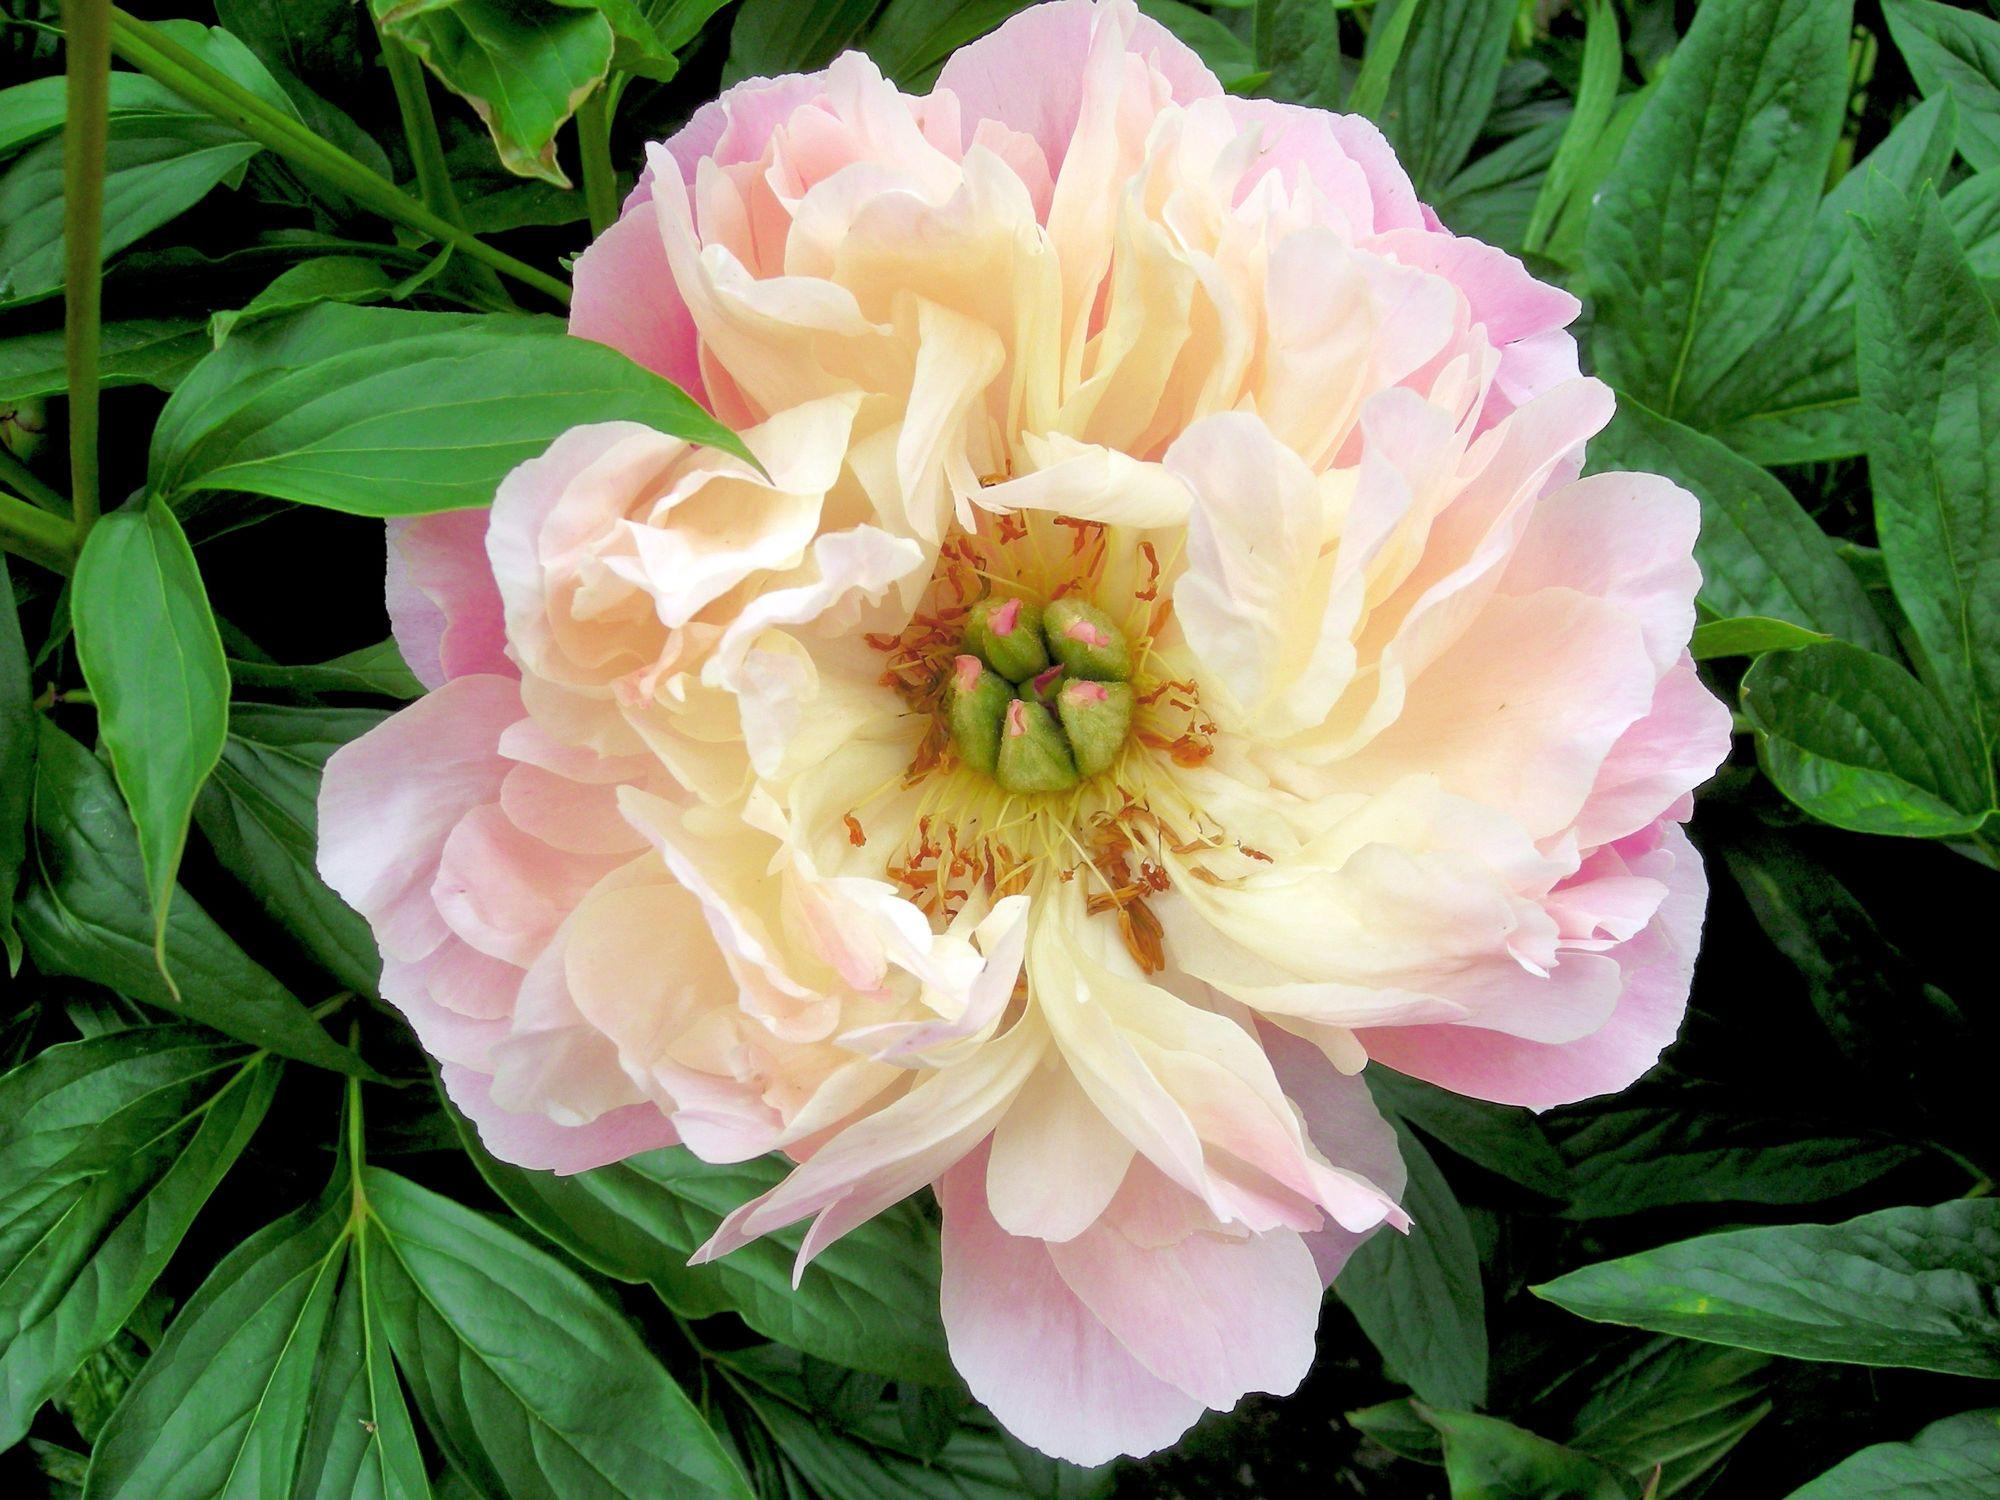 Bild mit Farben, Natur, Pflanzen, Blumen, Rosa, Rosen